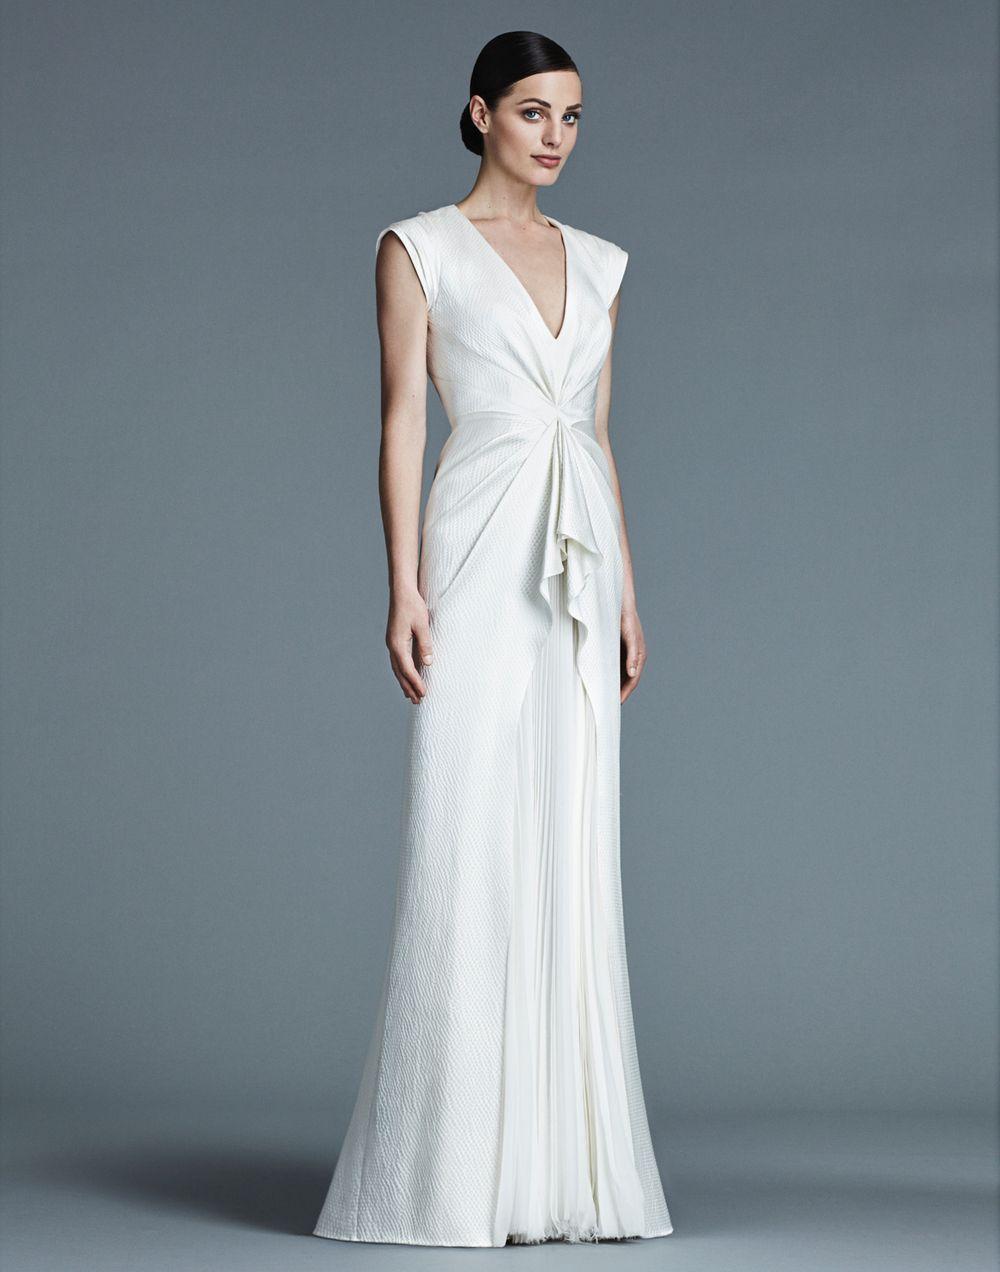 Introducing J Mendel To Colorado Wedding Dresses J Mendel Bridal Designer Wedding Dresses